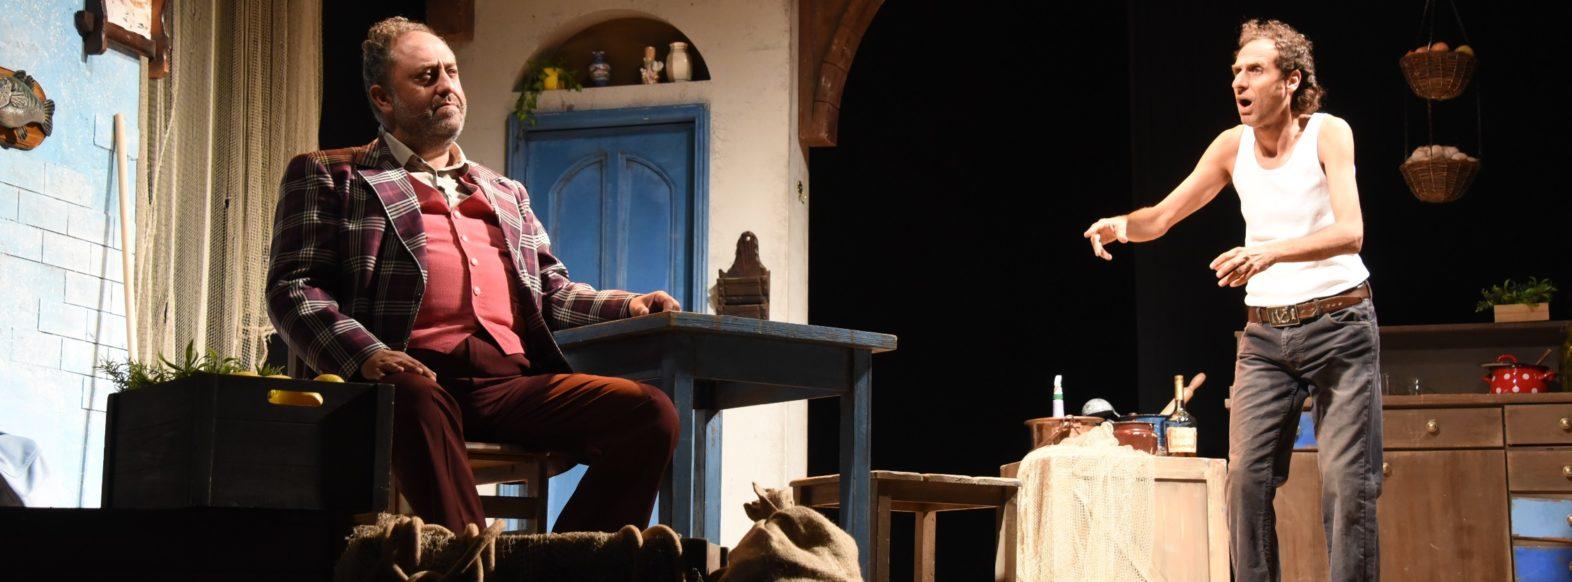 תיאטרון קרית אתא פתח את עונת ההצגות והמופעים החדשה